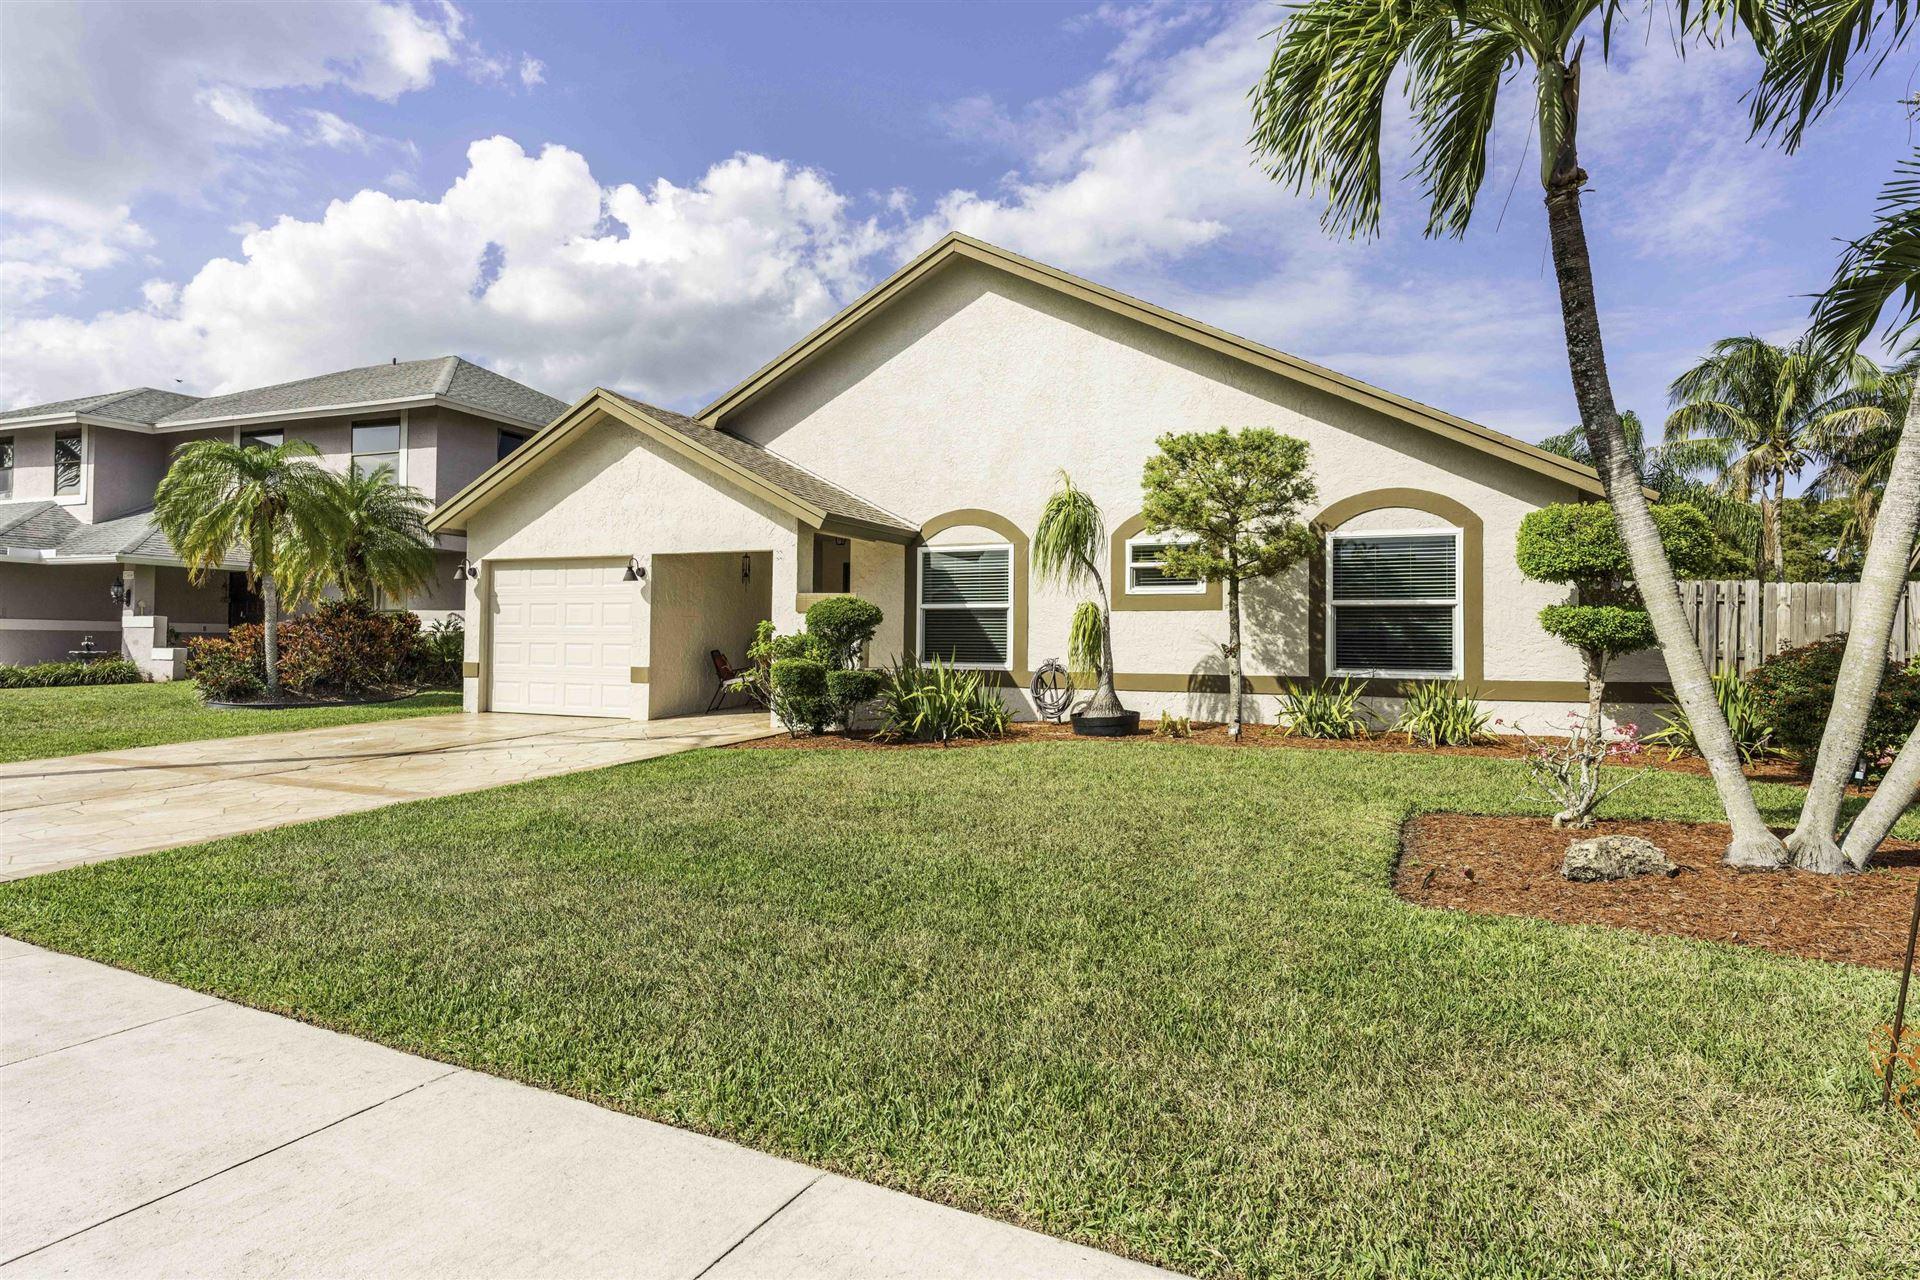 22460 Sea Bass Drive, Boca Raton, FL 33428 - MLS#: RX-10716044